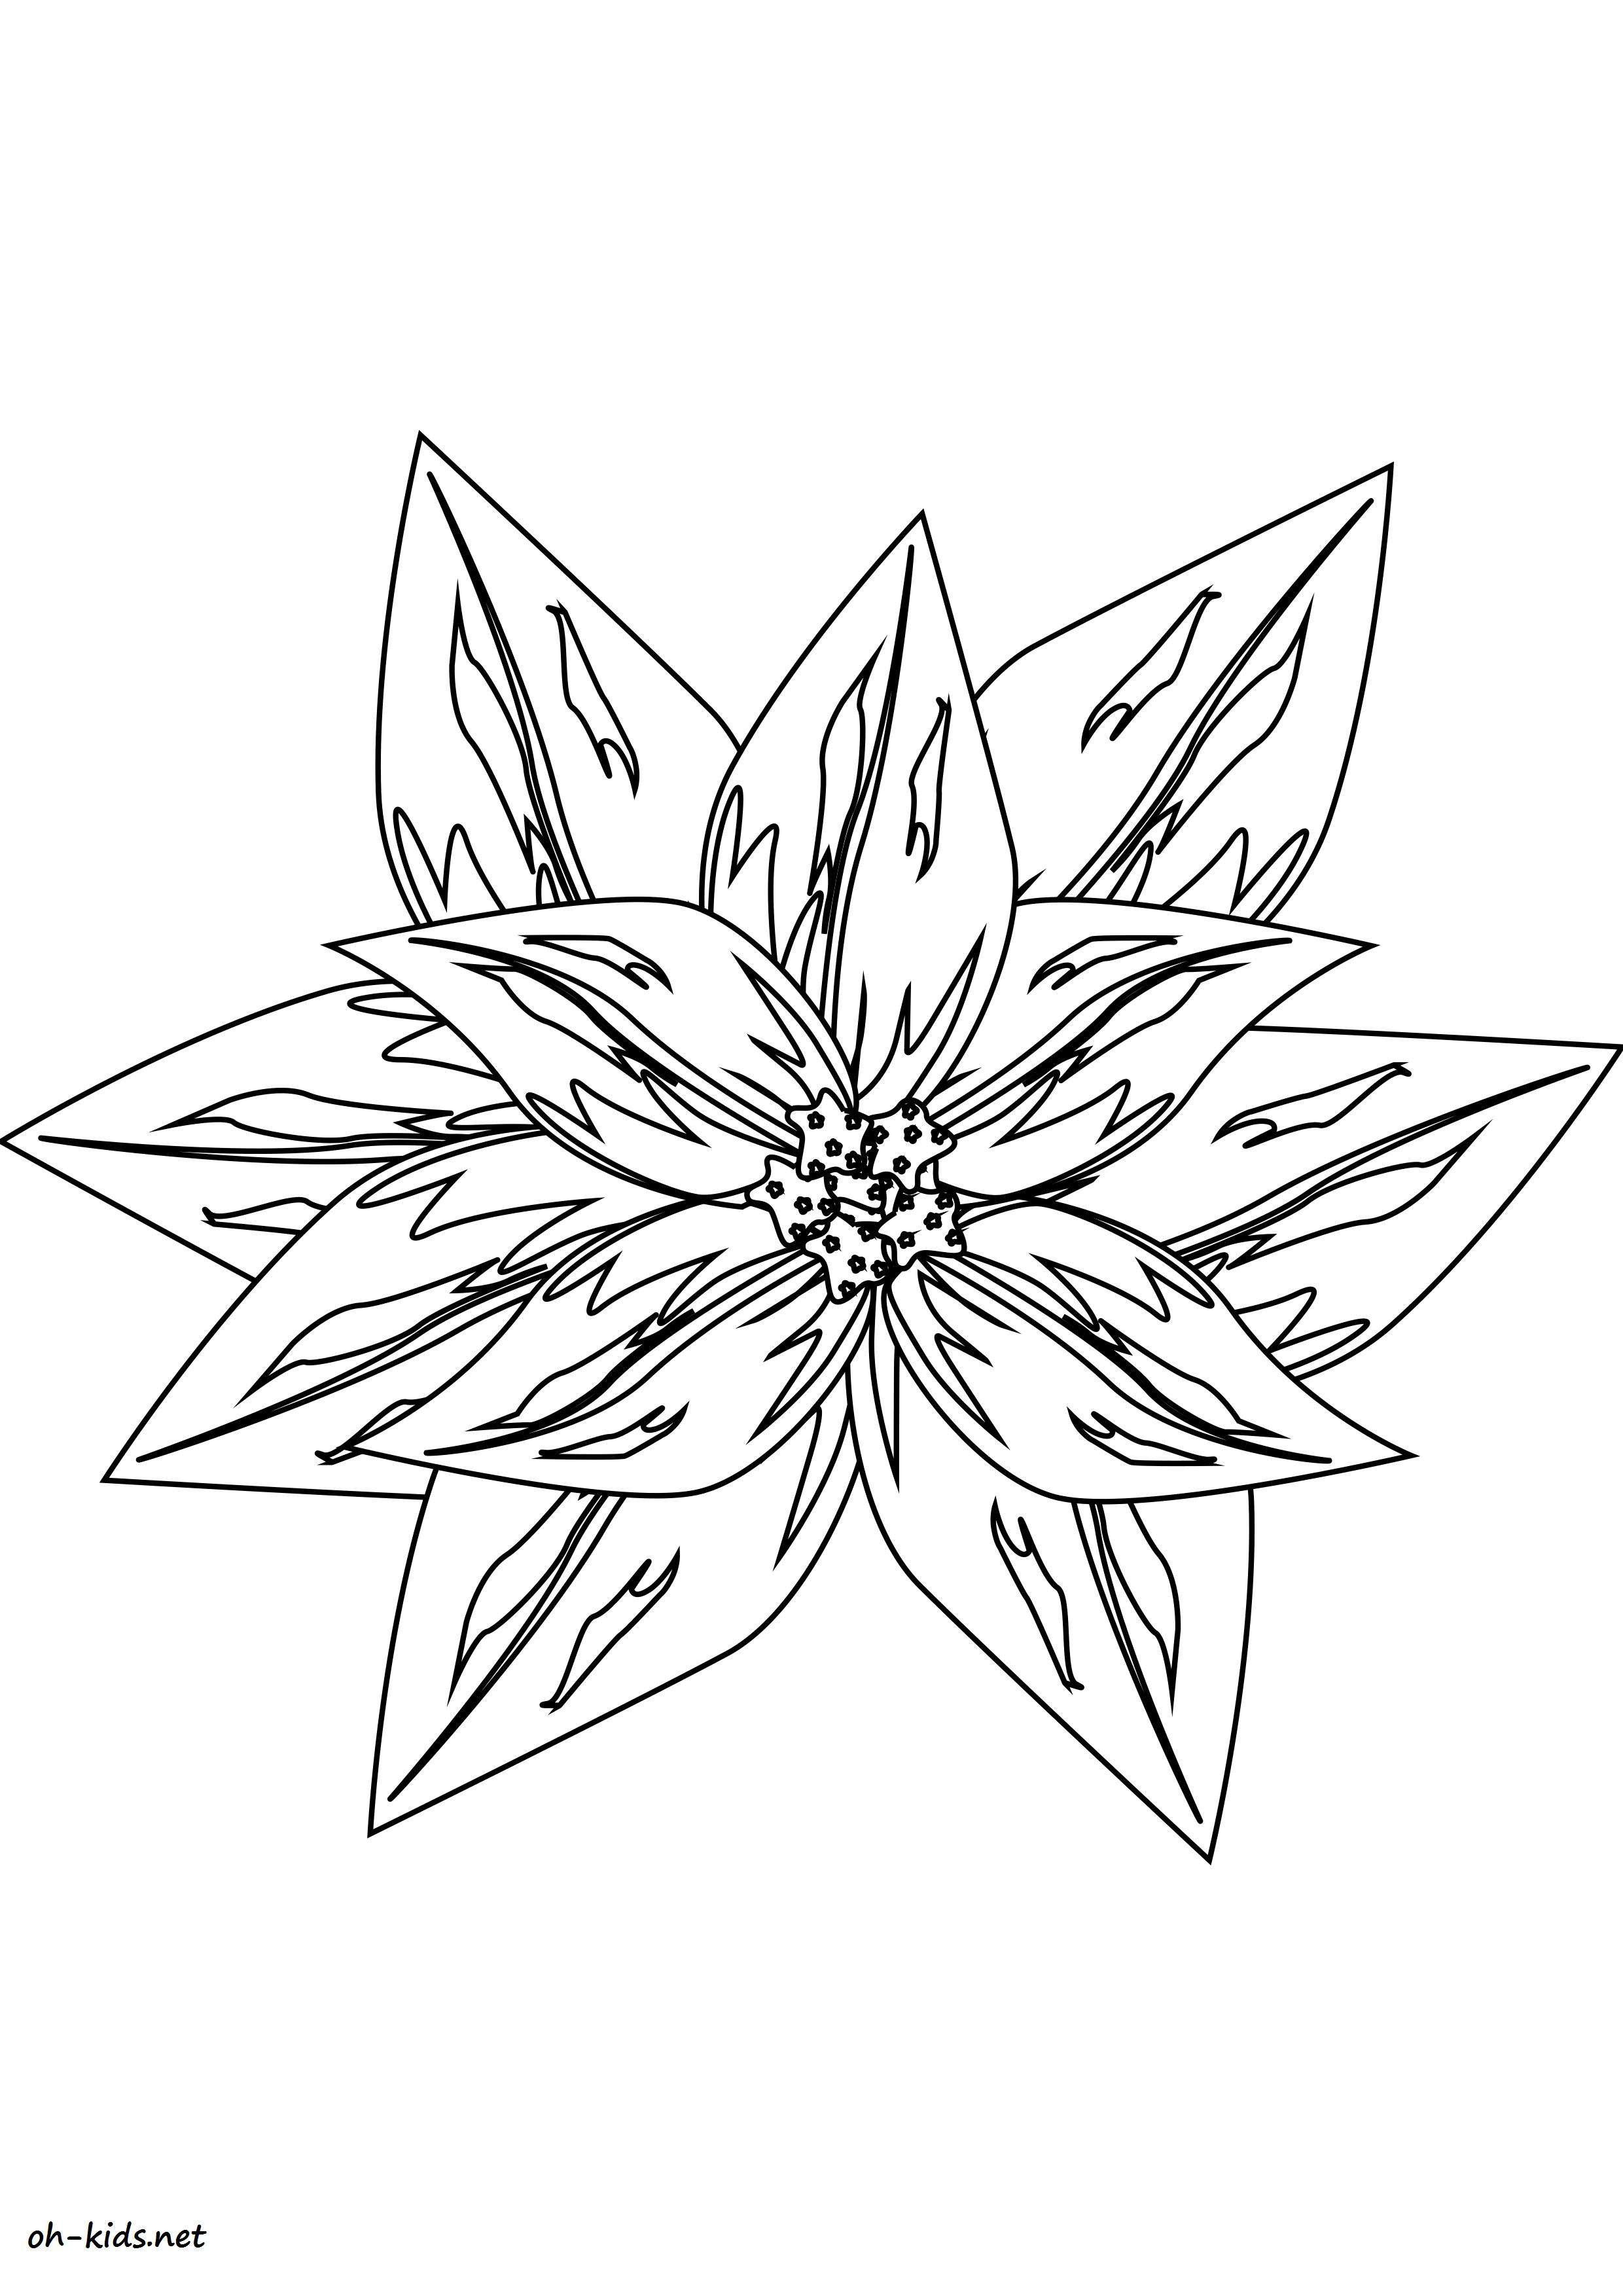 Dessin de roses - Dessin #1473